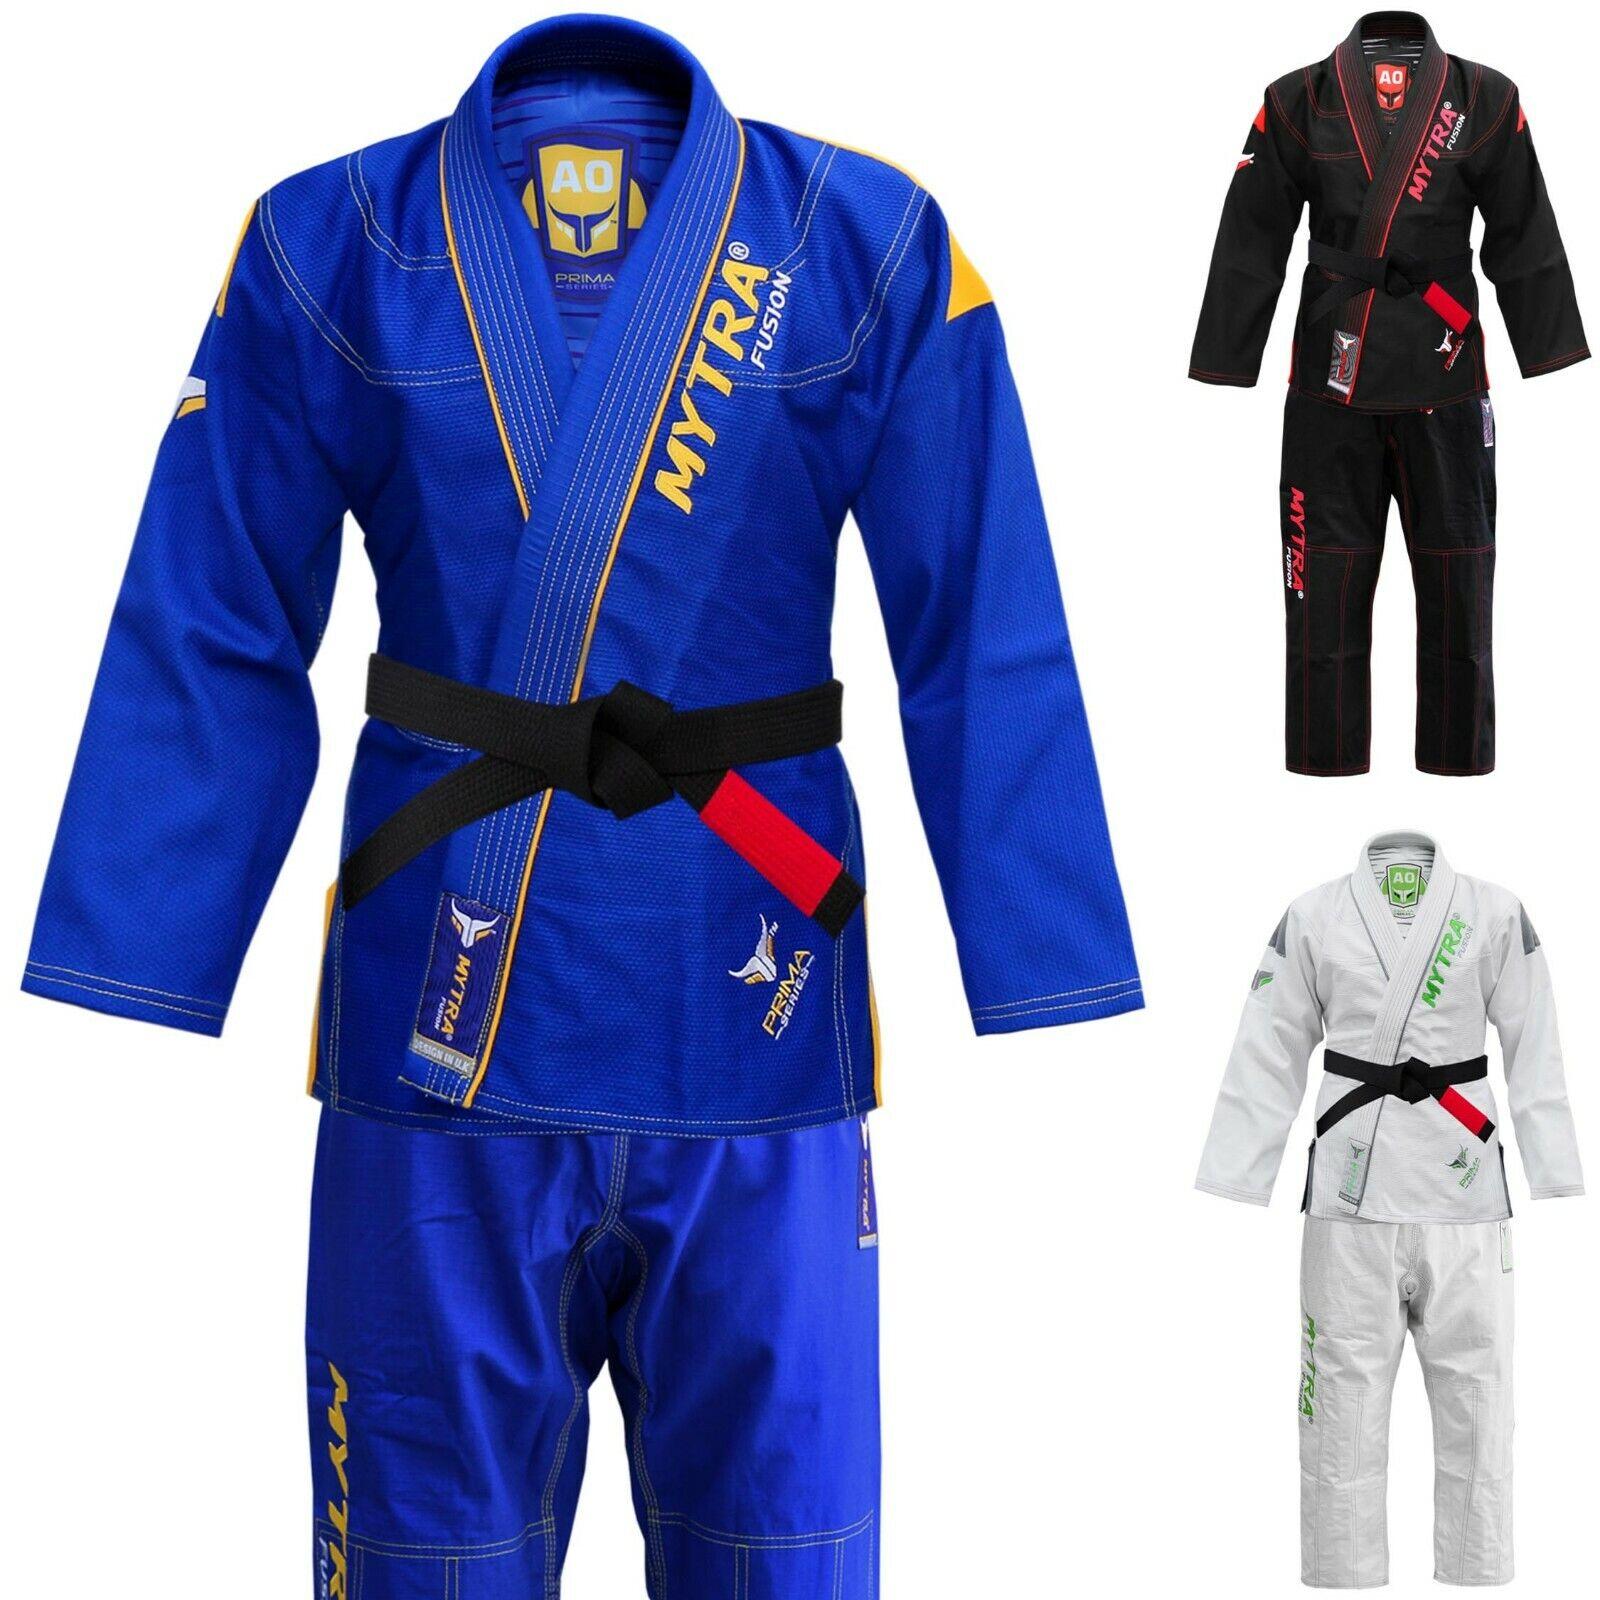 Mytra Fusion Jiu Jitsu Prima Uniform und Kampfkunst Jiu Jitsu Gi Anzug